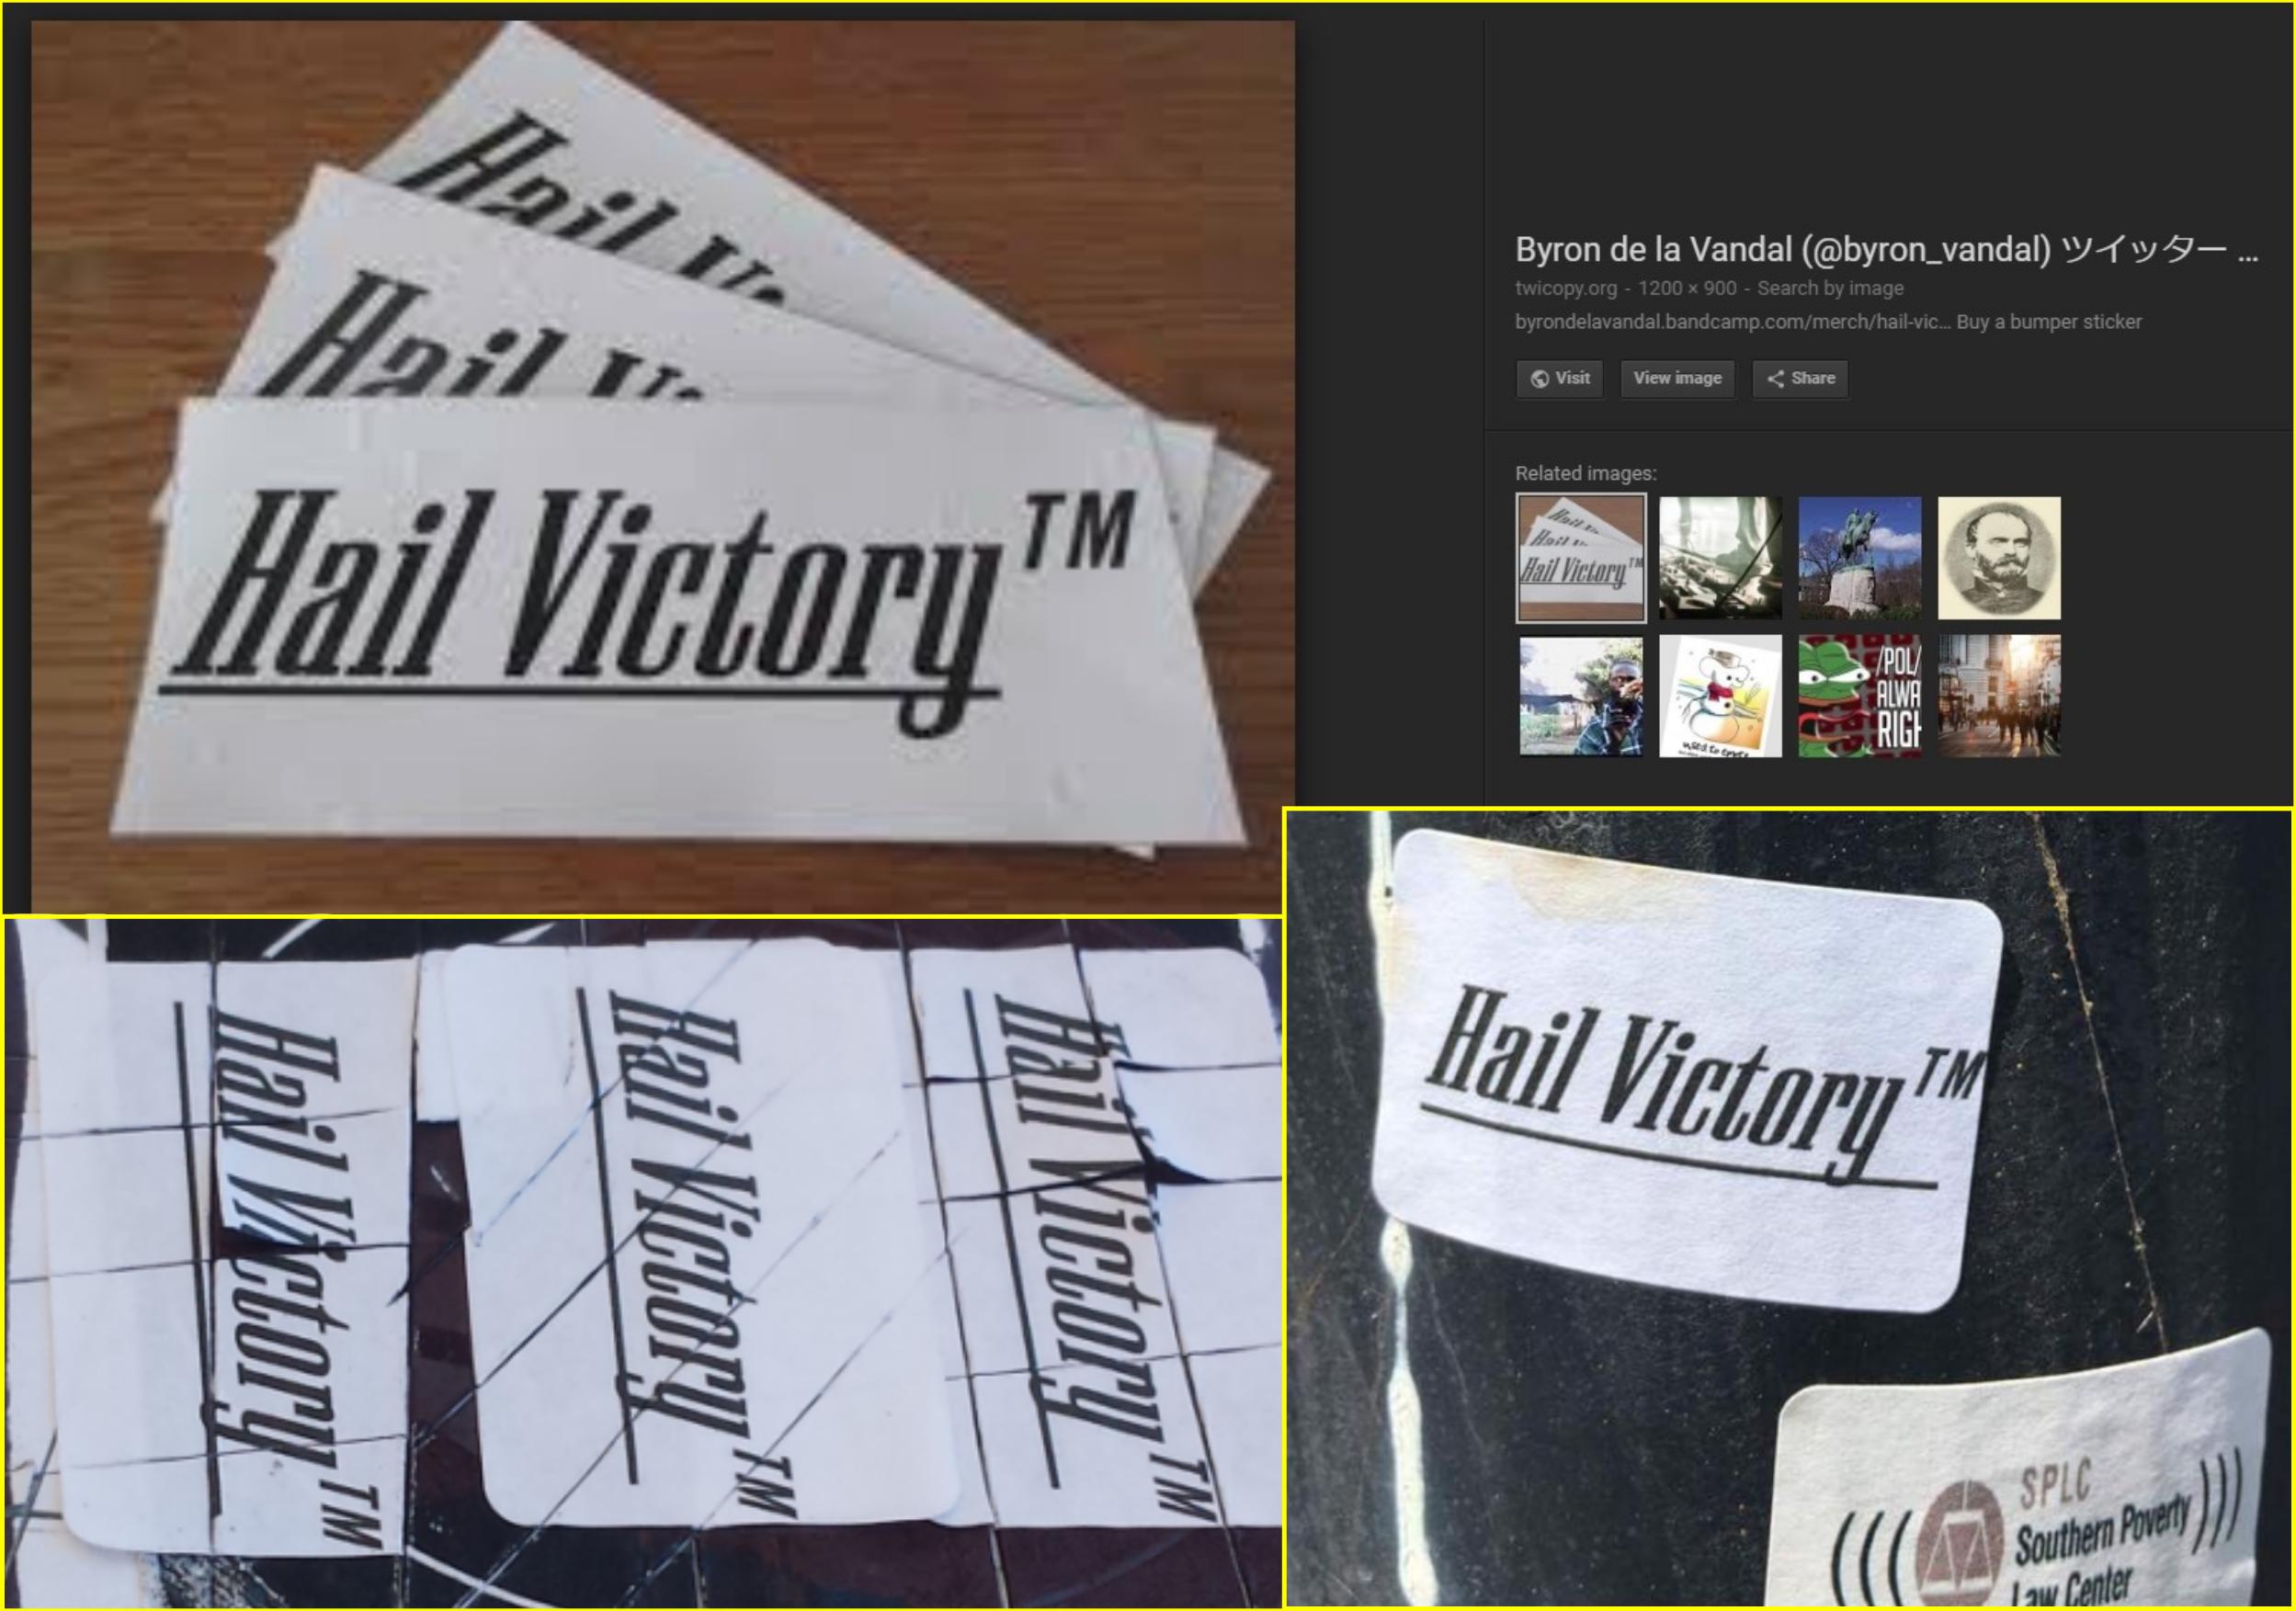 Byron de la Vandal Nazi slogan stickers